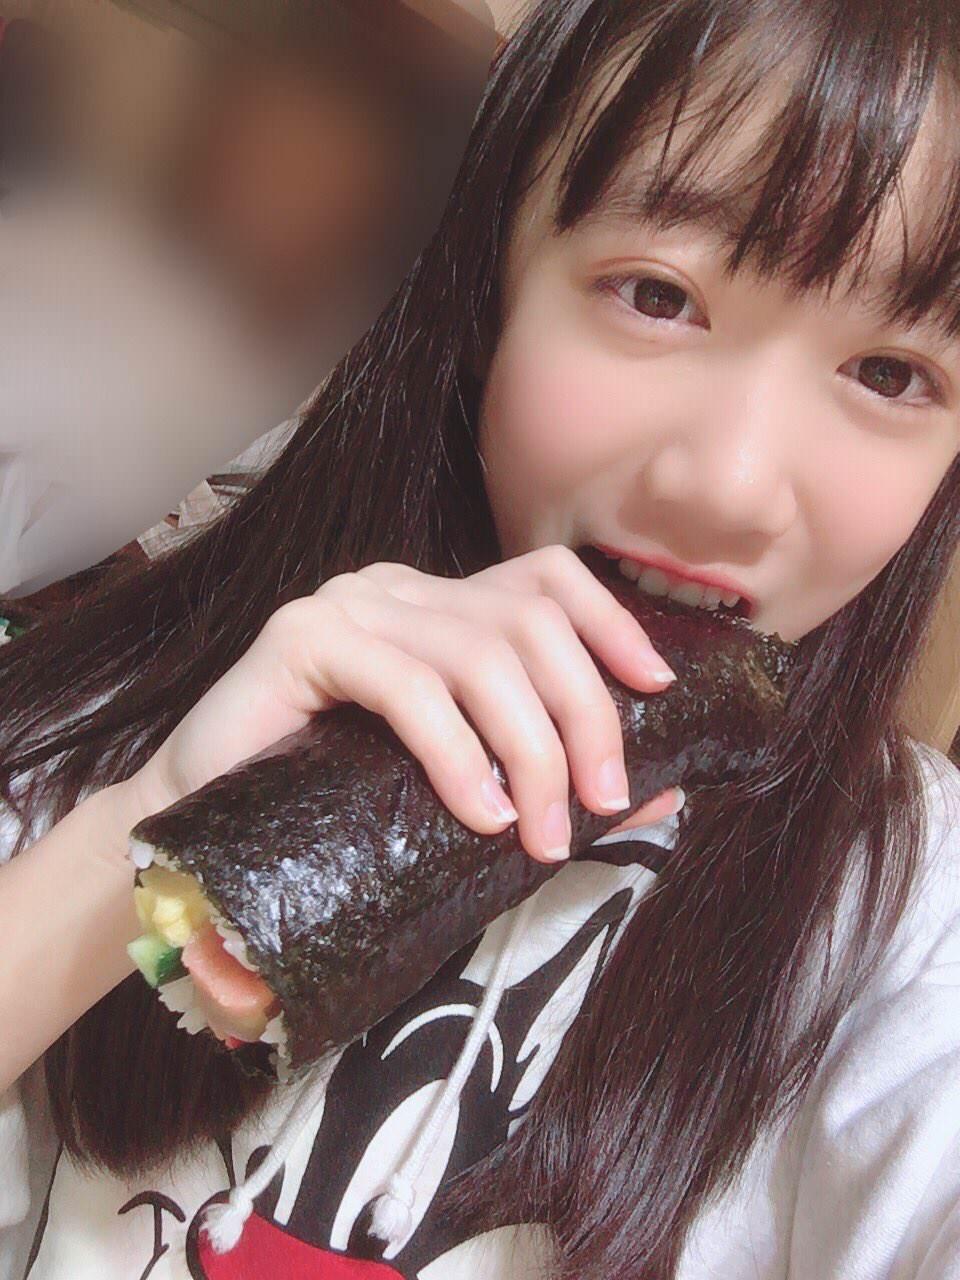 又长又黑的惠方卷 美女吃惠方卷的浮想联翩 5